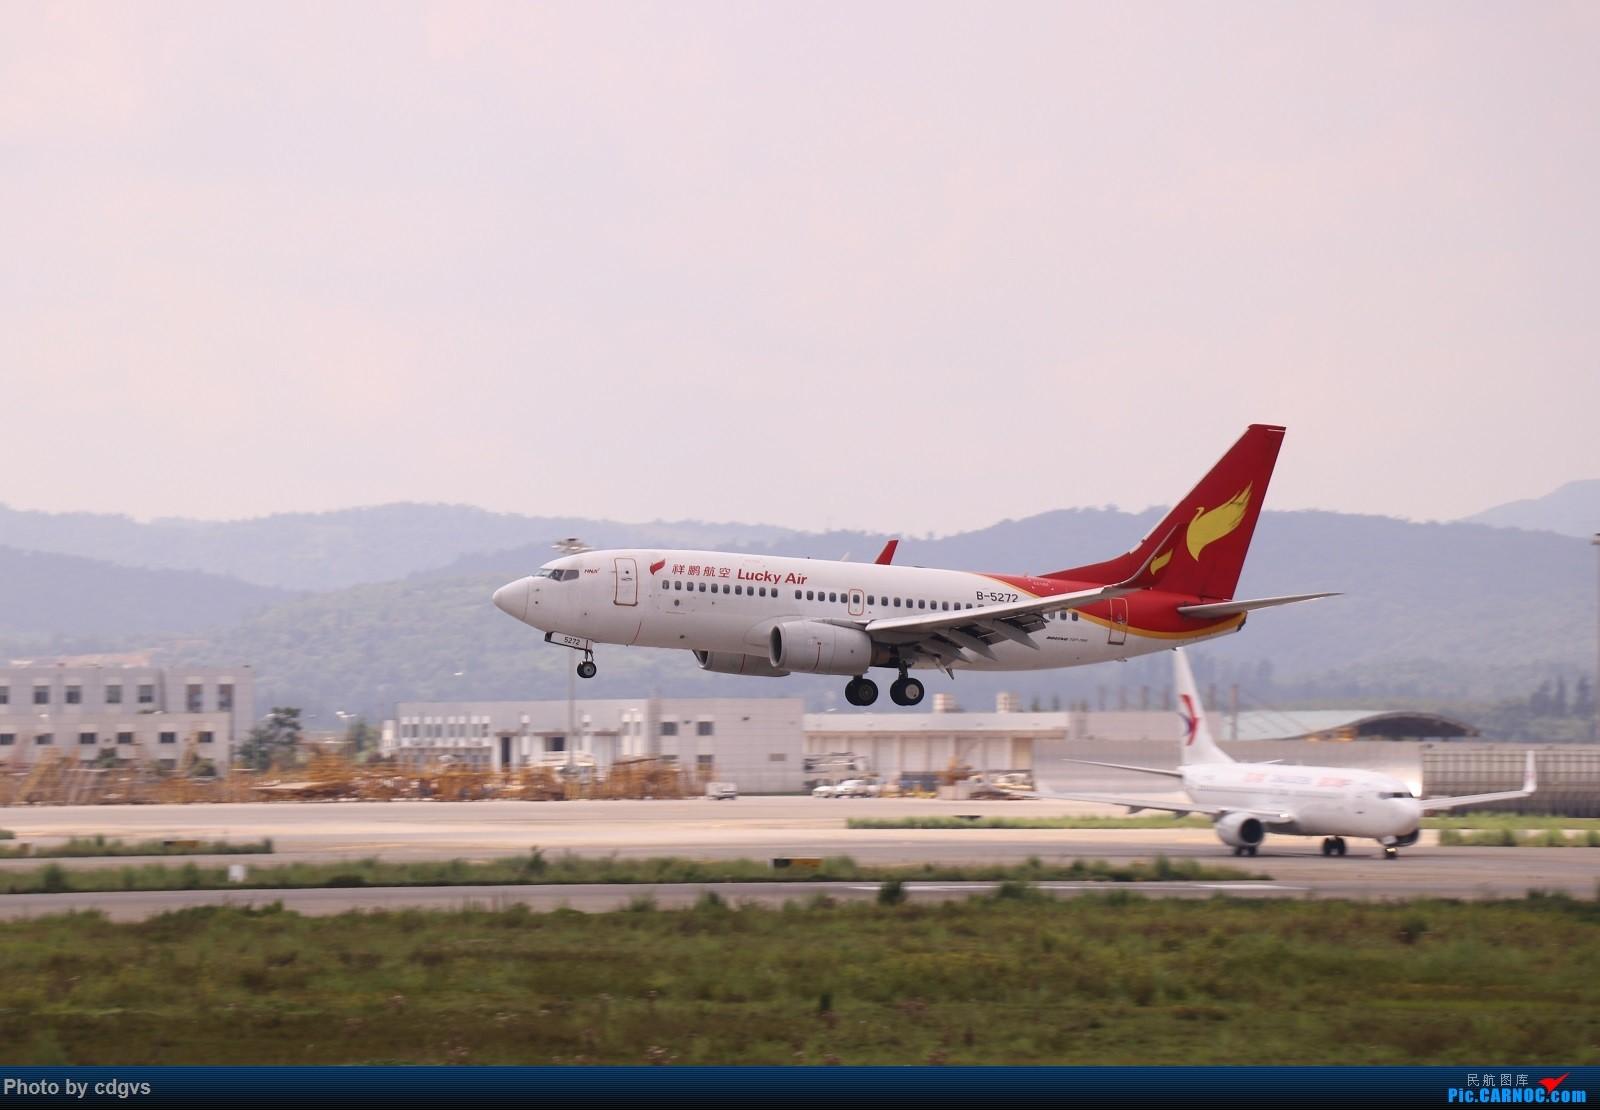 Re:[原创]【KMG】昆明的一天 1600大图 一次看个爽 BOEING 737-700 B-5272 中国昆明长水国际机场